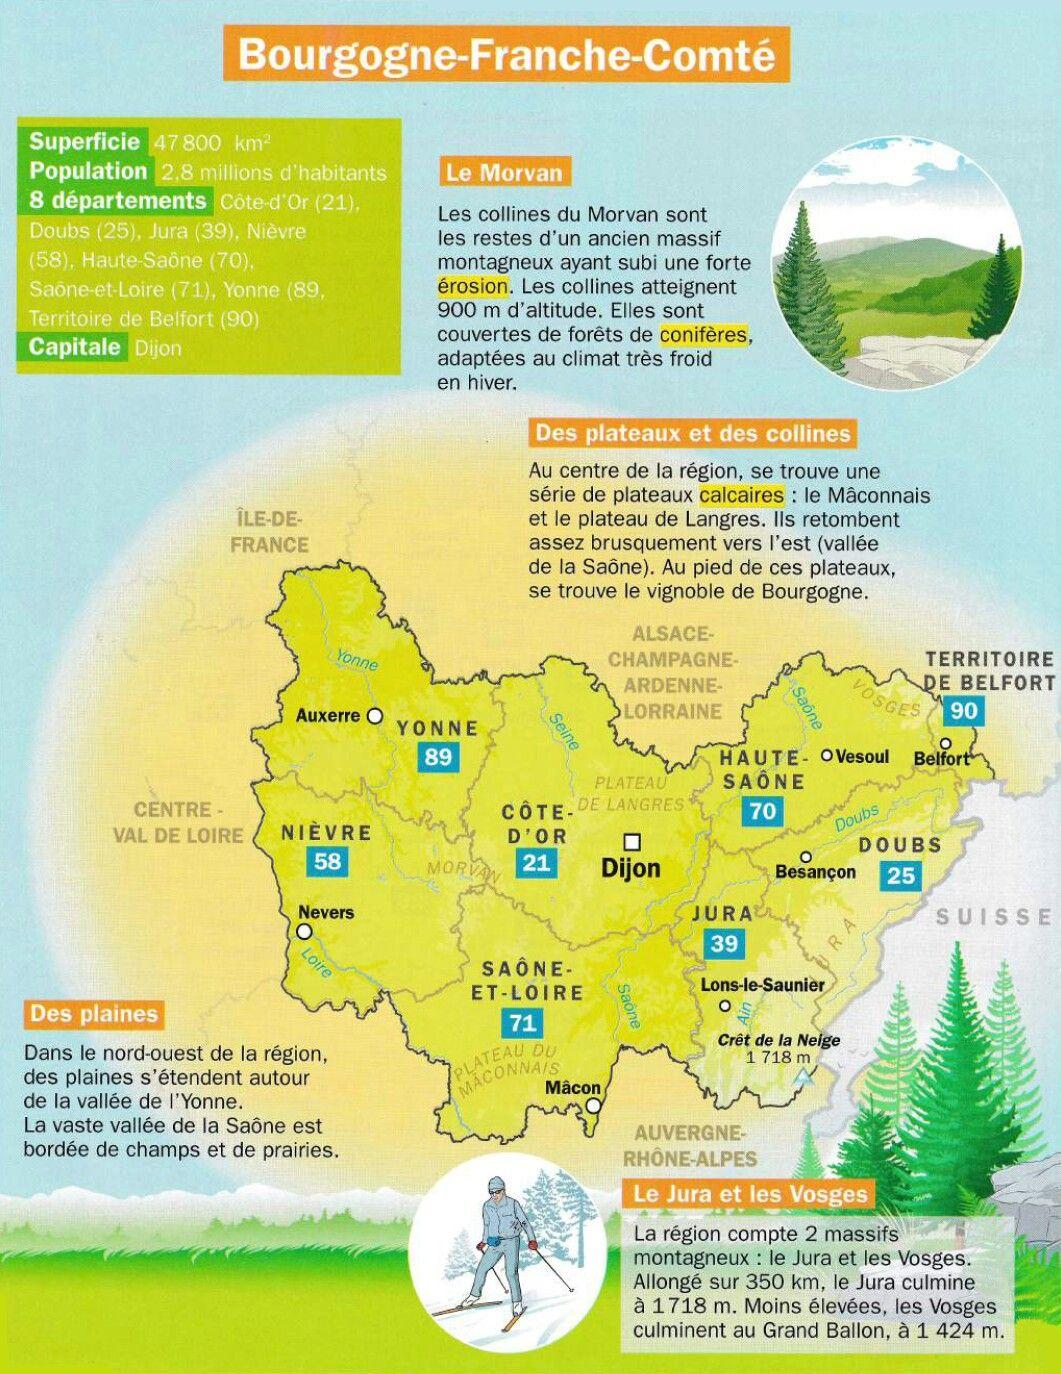 Epingle Par Leo Sur Mon Quotidien Culture G Geographie Culture Generale Regions Francaises